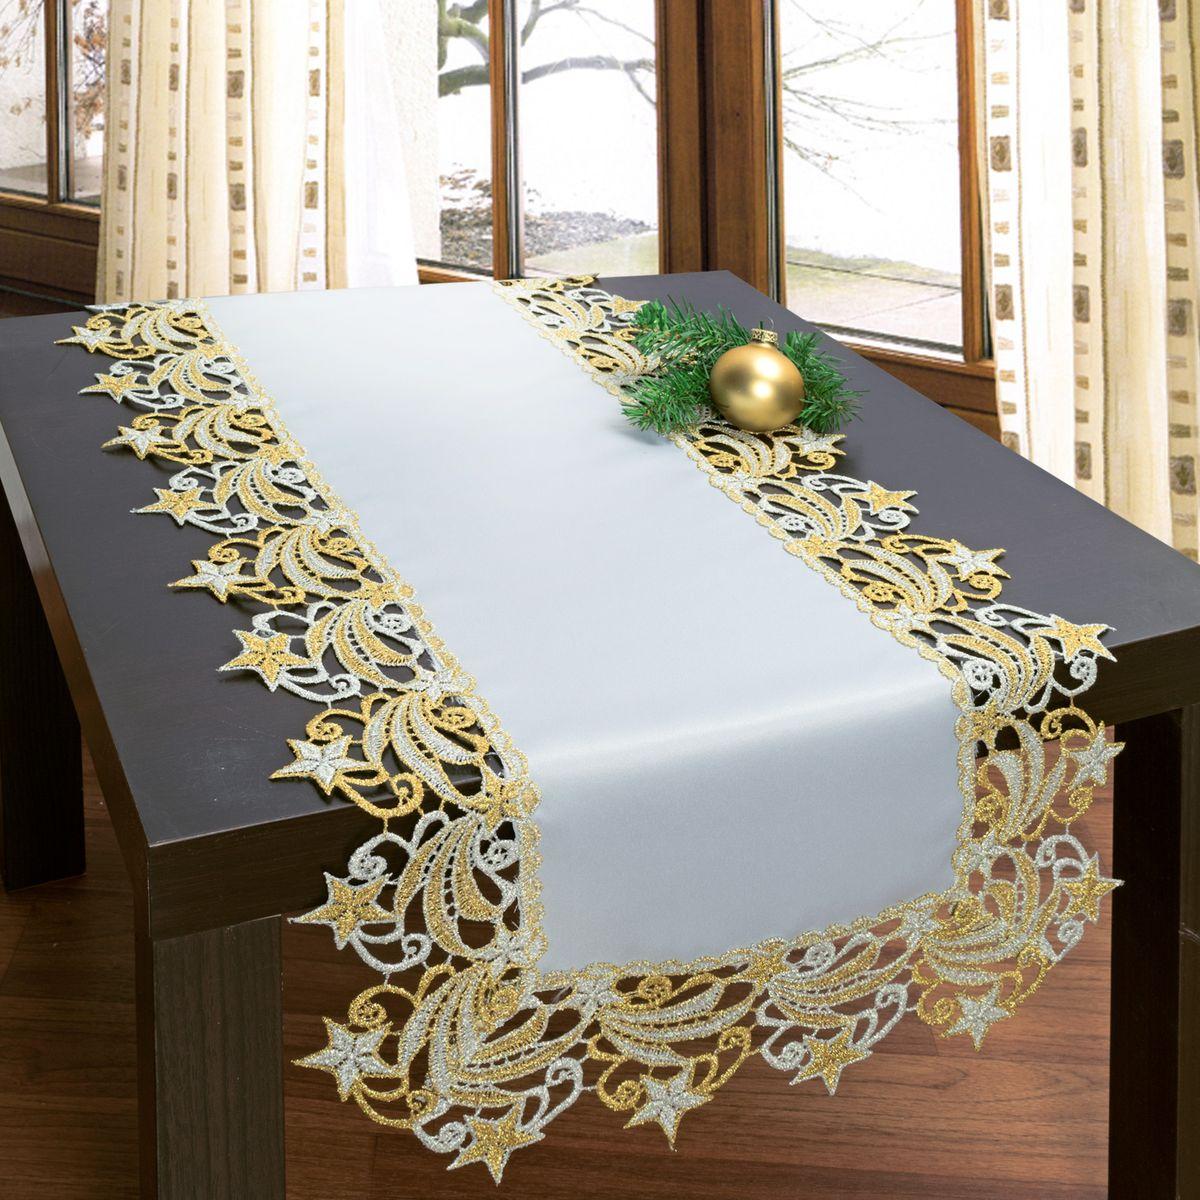 Дорожка для декорирования стола Schaefer, 40 х 100 см, цвет: белый, бежевый. 30761501001052Дорожка для декорирования стола Schaefer может быть использована, как основной элемент, так и дополнение для создания уюта и романтического настроения.Дорожка выполнена из полиэстера. Изделие легко стирать: оно не мнется, не садится и быстро сохнет, более долговечно, чем изделие из натуральных волокон.Материал: 100% полиэстер.Размер: 40 х 100 см.